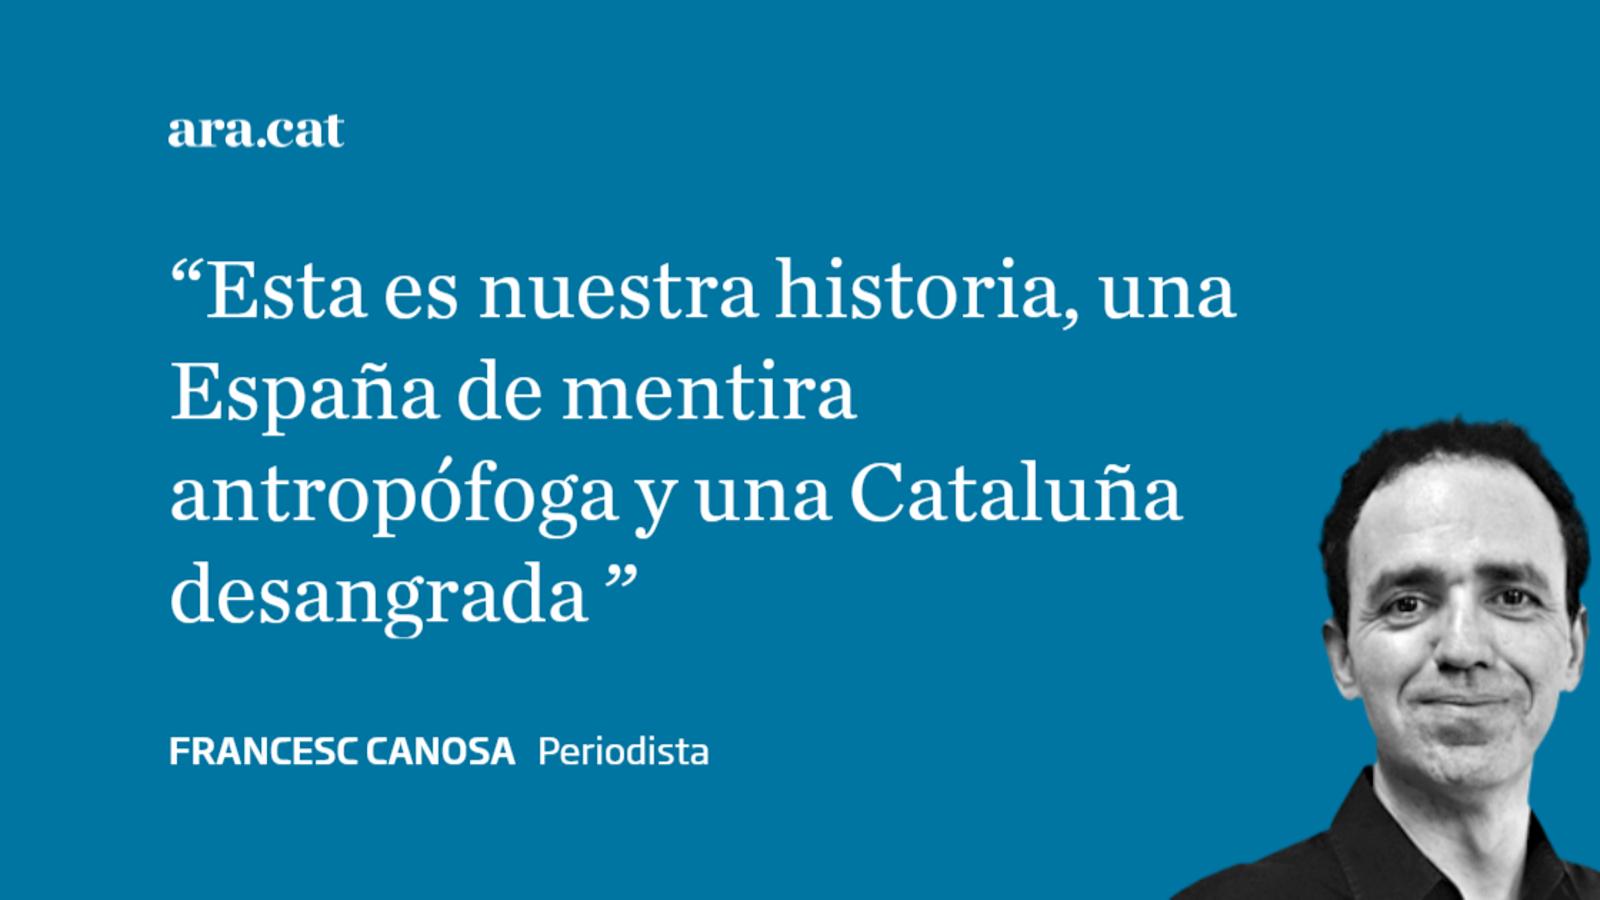 Las patatas bravas y el catalán de los derrotados